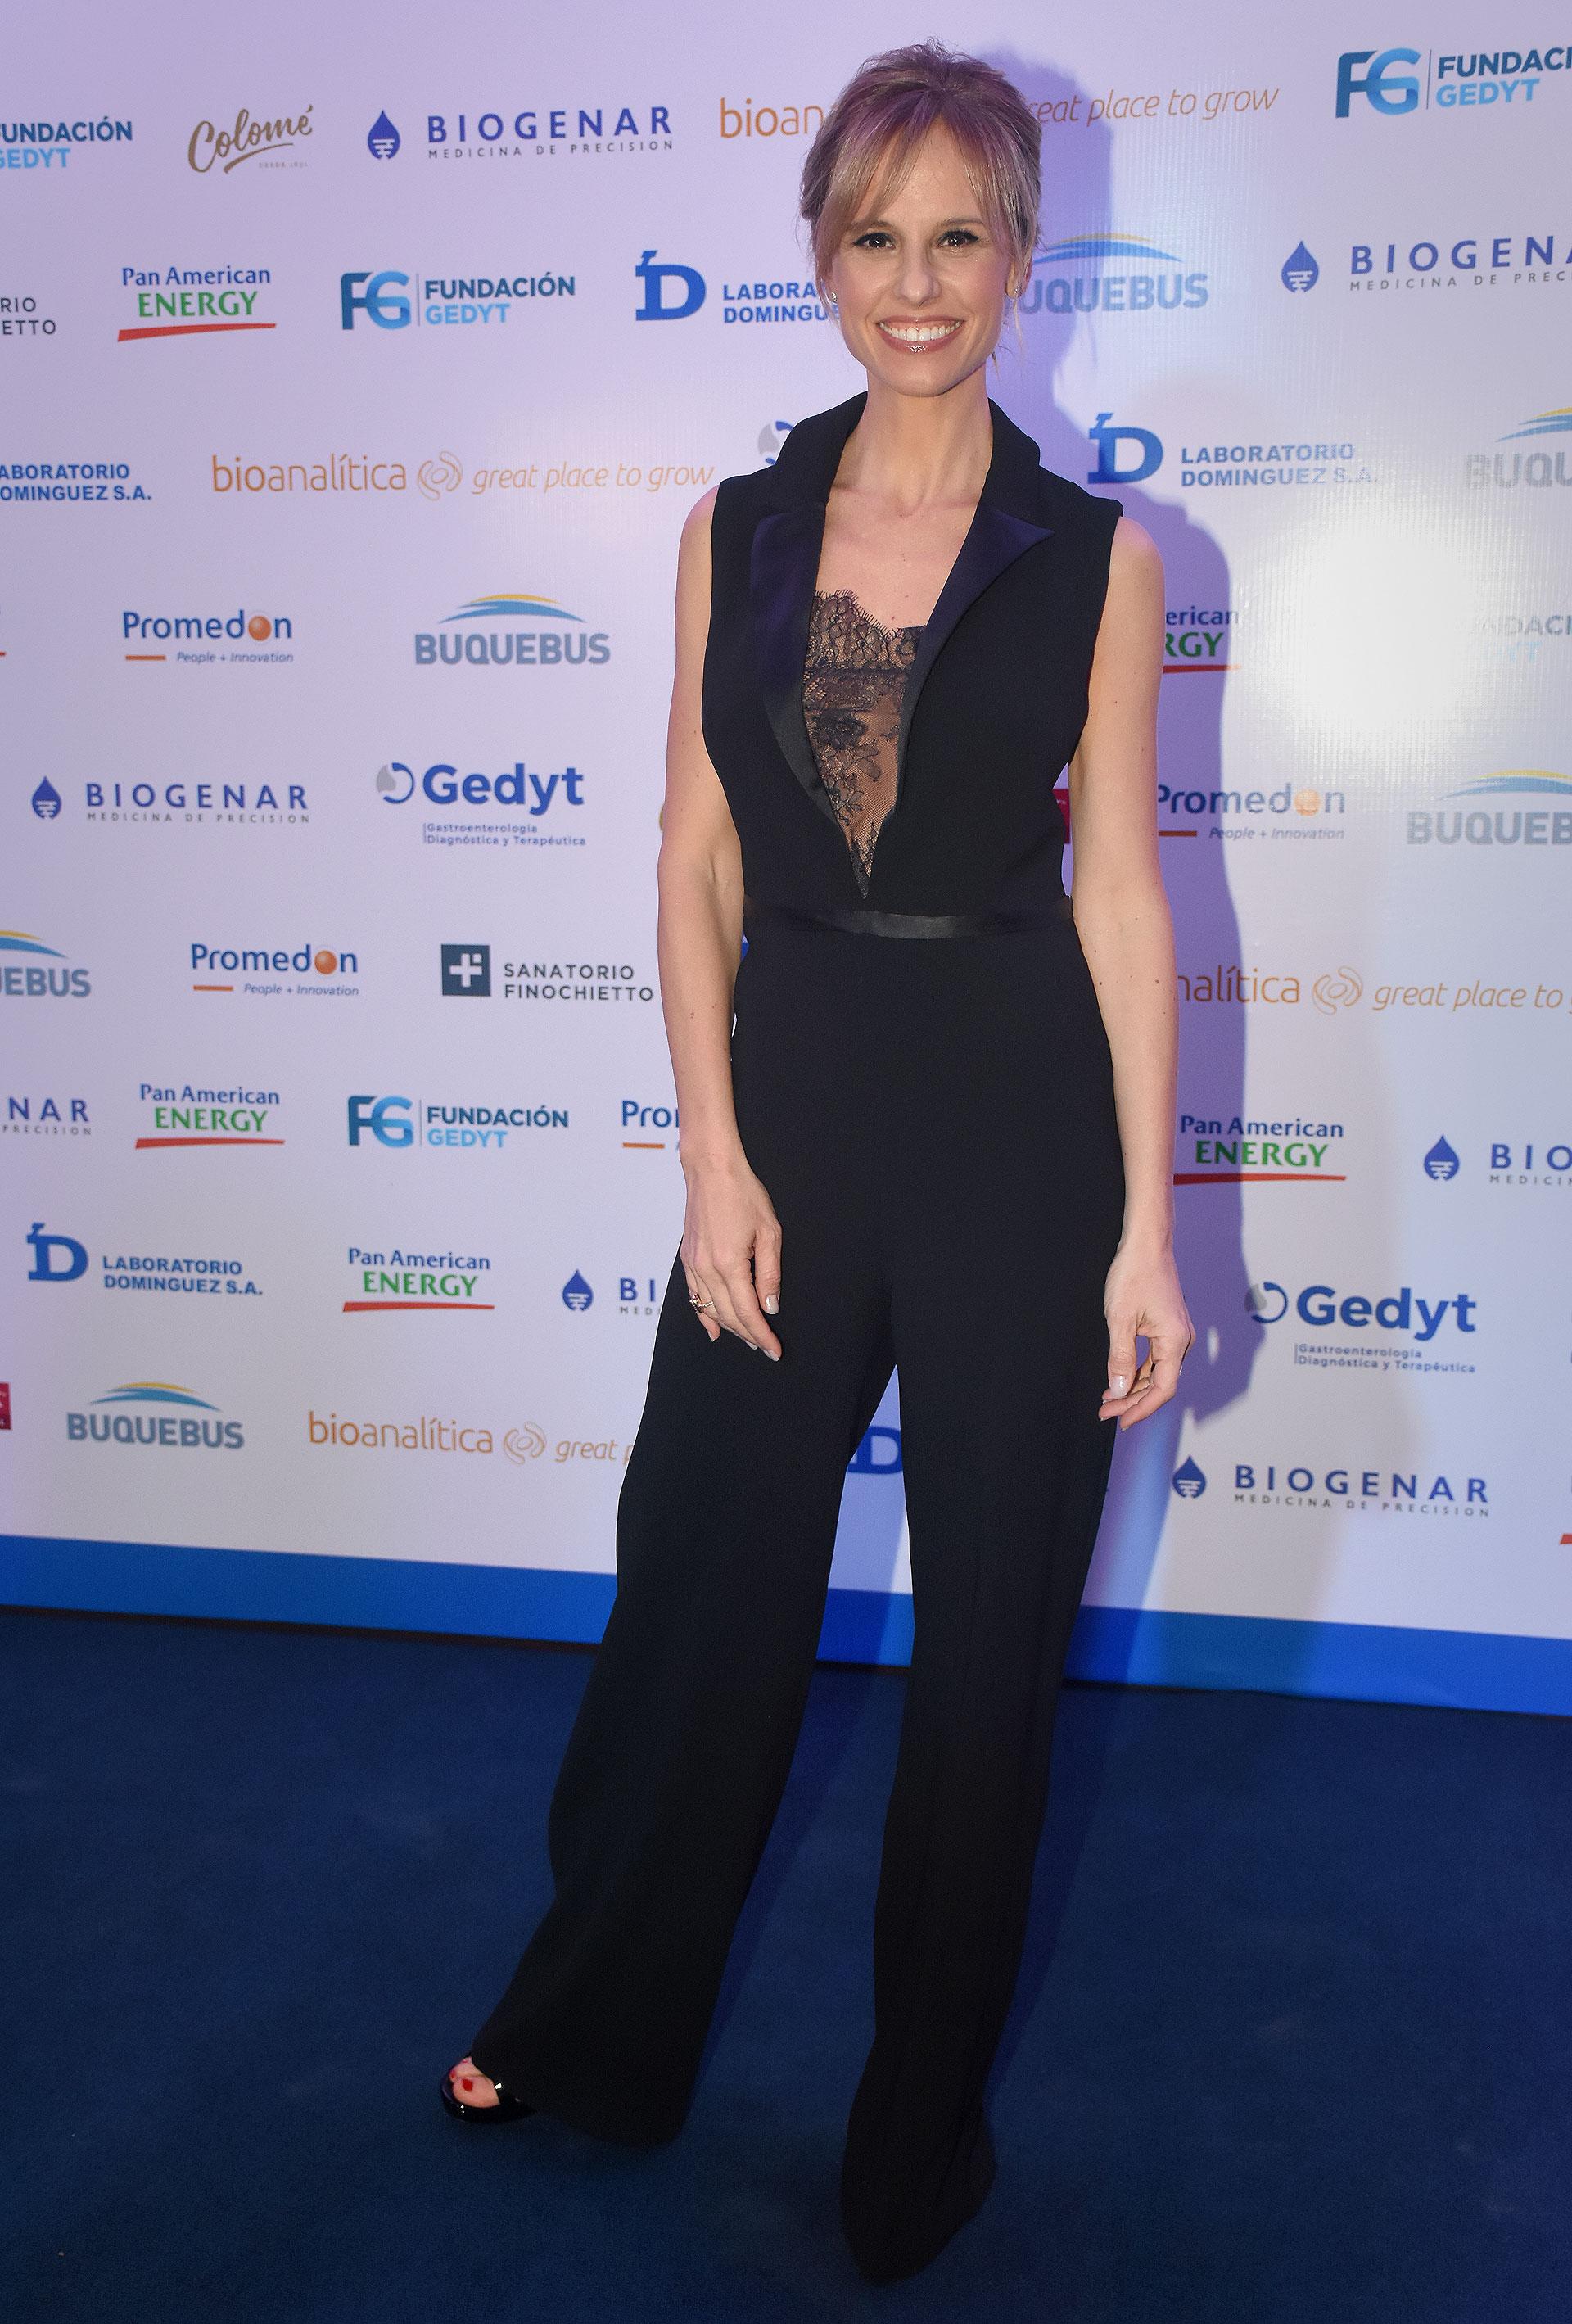 Mariana Fabbiani. En una noche teñida de azul, color que identifica al cáncer de colon, la Fundación GEDYT presentó su gala para concientizar sobre la enfermedad, la importancia de su prevención y la detección temprana